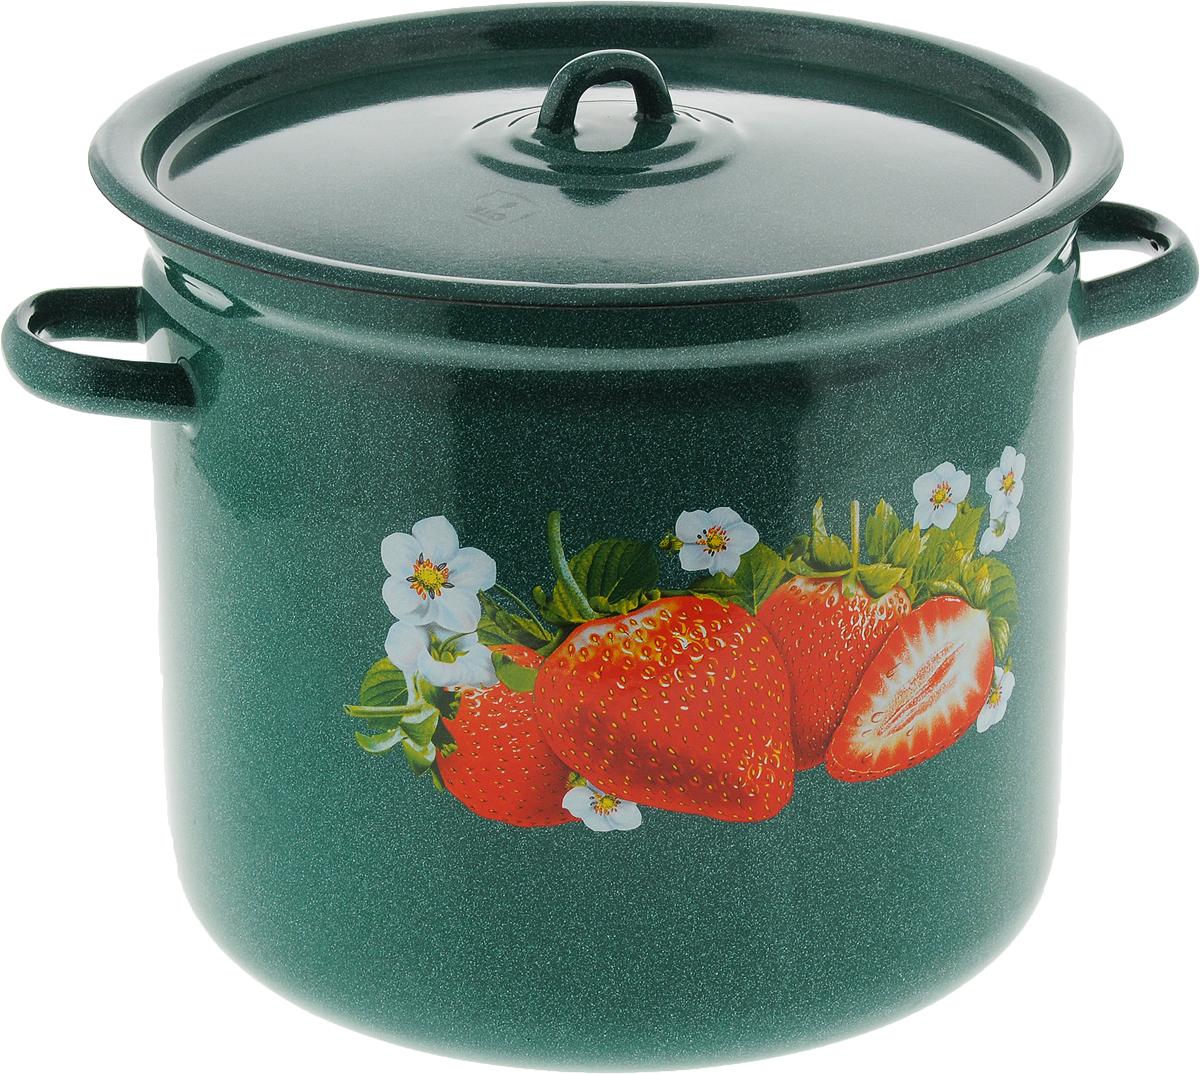 Кастрюля Лысьвенские эмали  Сочная клубника , с крышкой, цвет: зеленый, 12 л - Посуда для приготовления